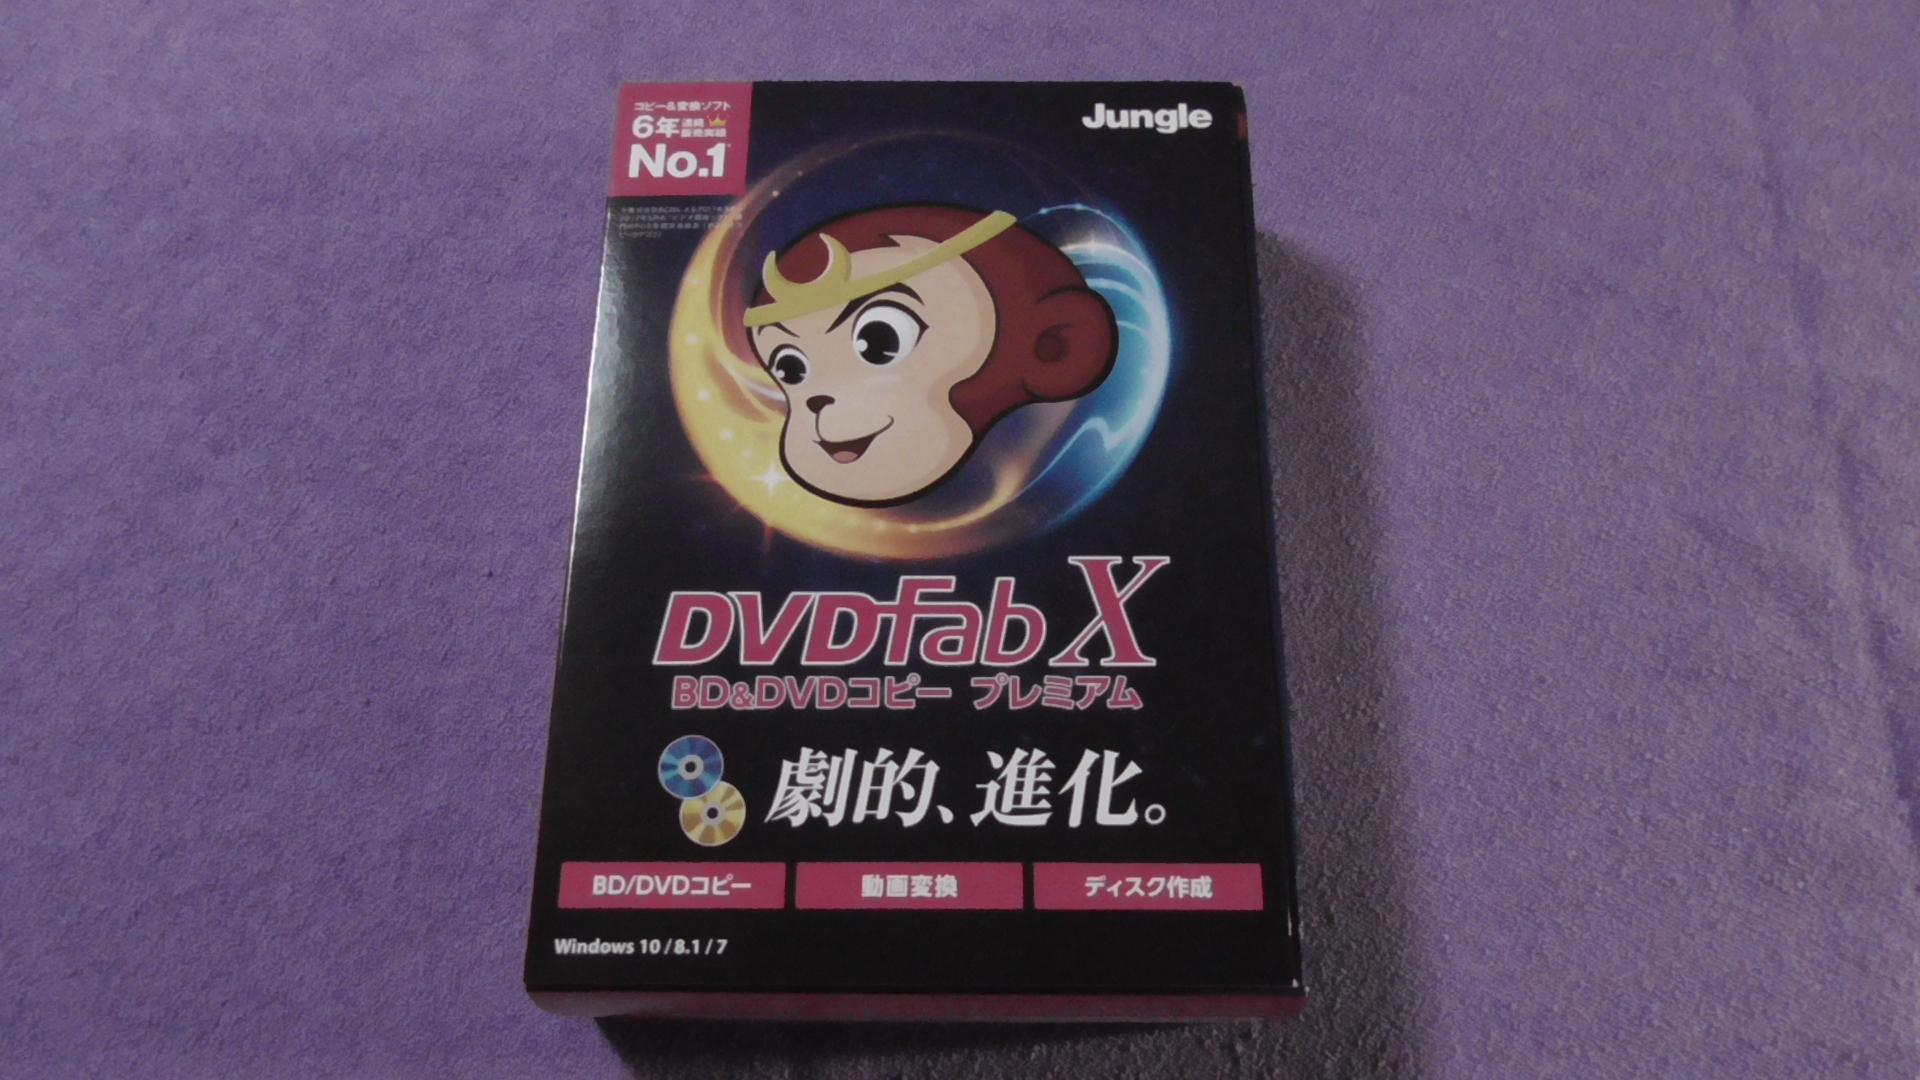 DVDFab X BD&DVD コピープレミアム90001.jpg